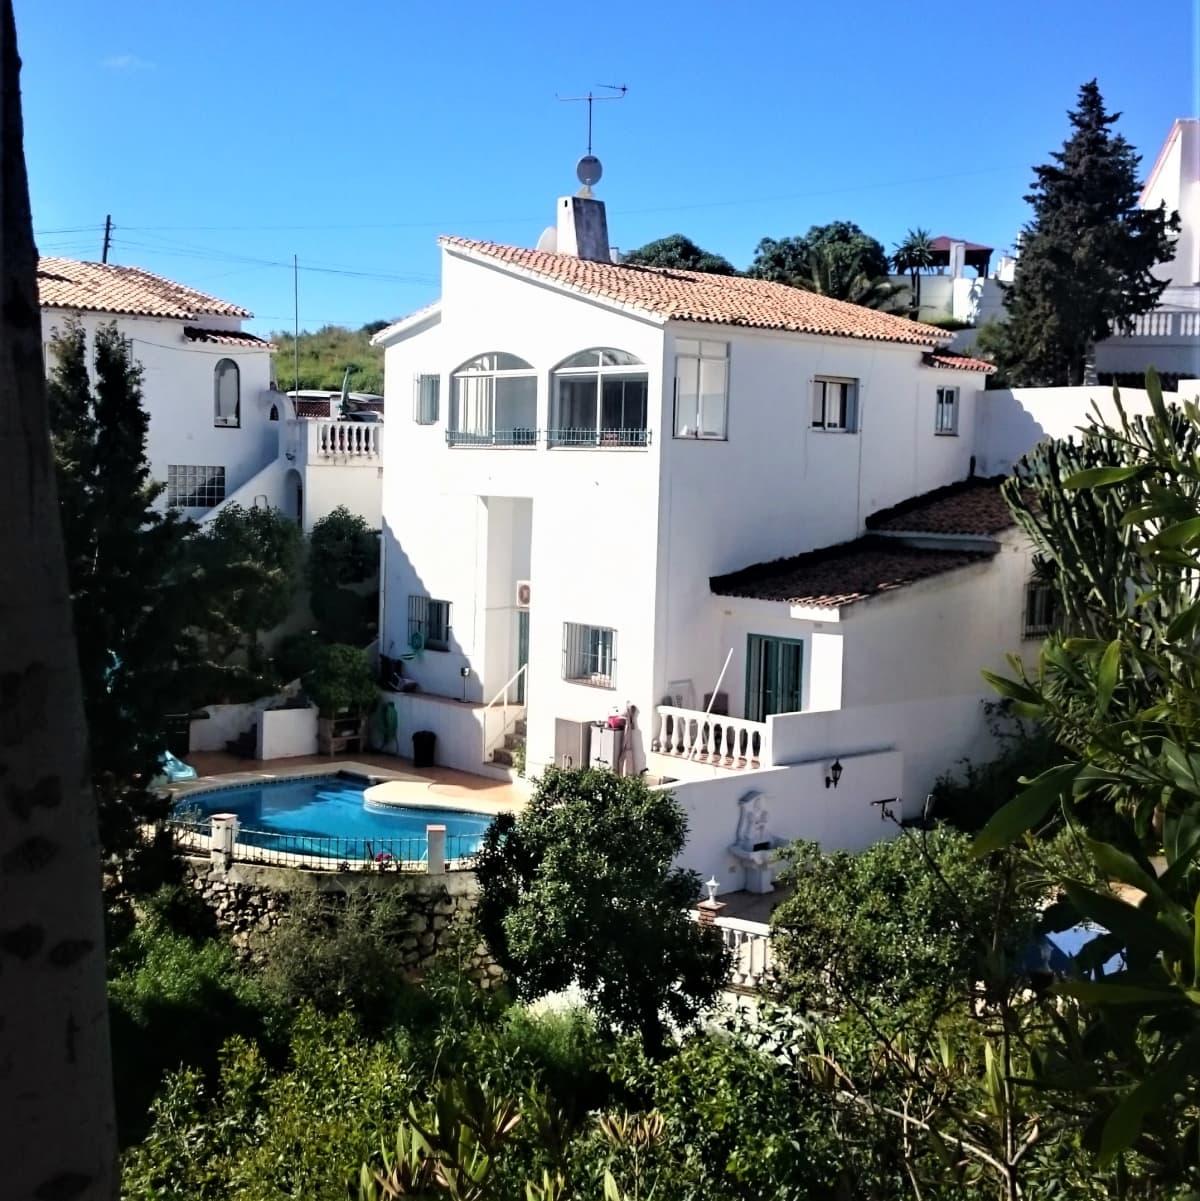 Talo ja uima-allas Espanjassa oliivipuiden ympäröimänä.